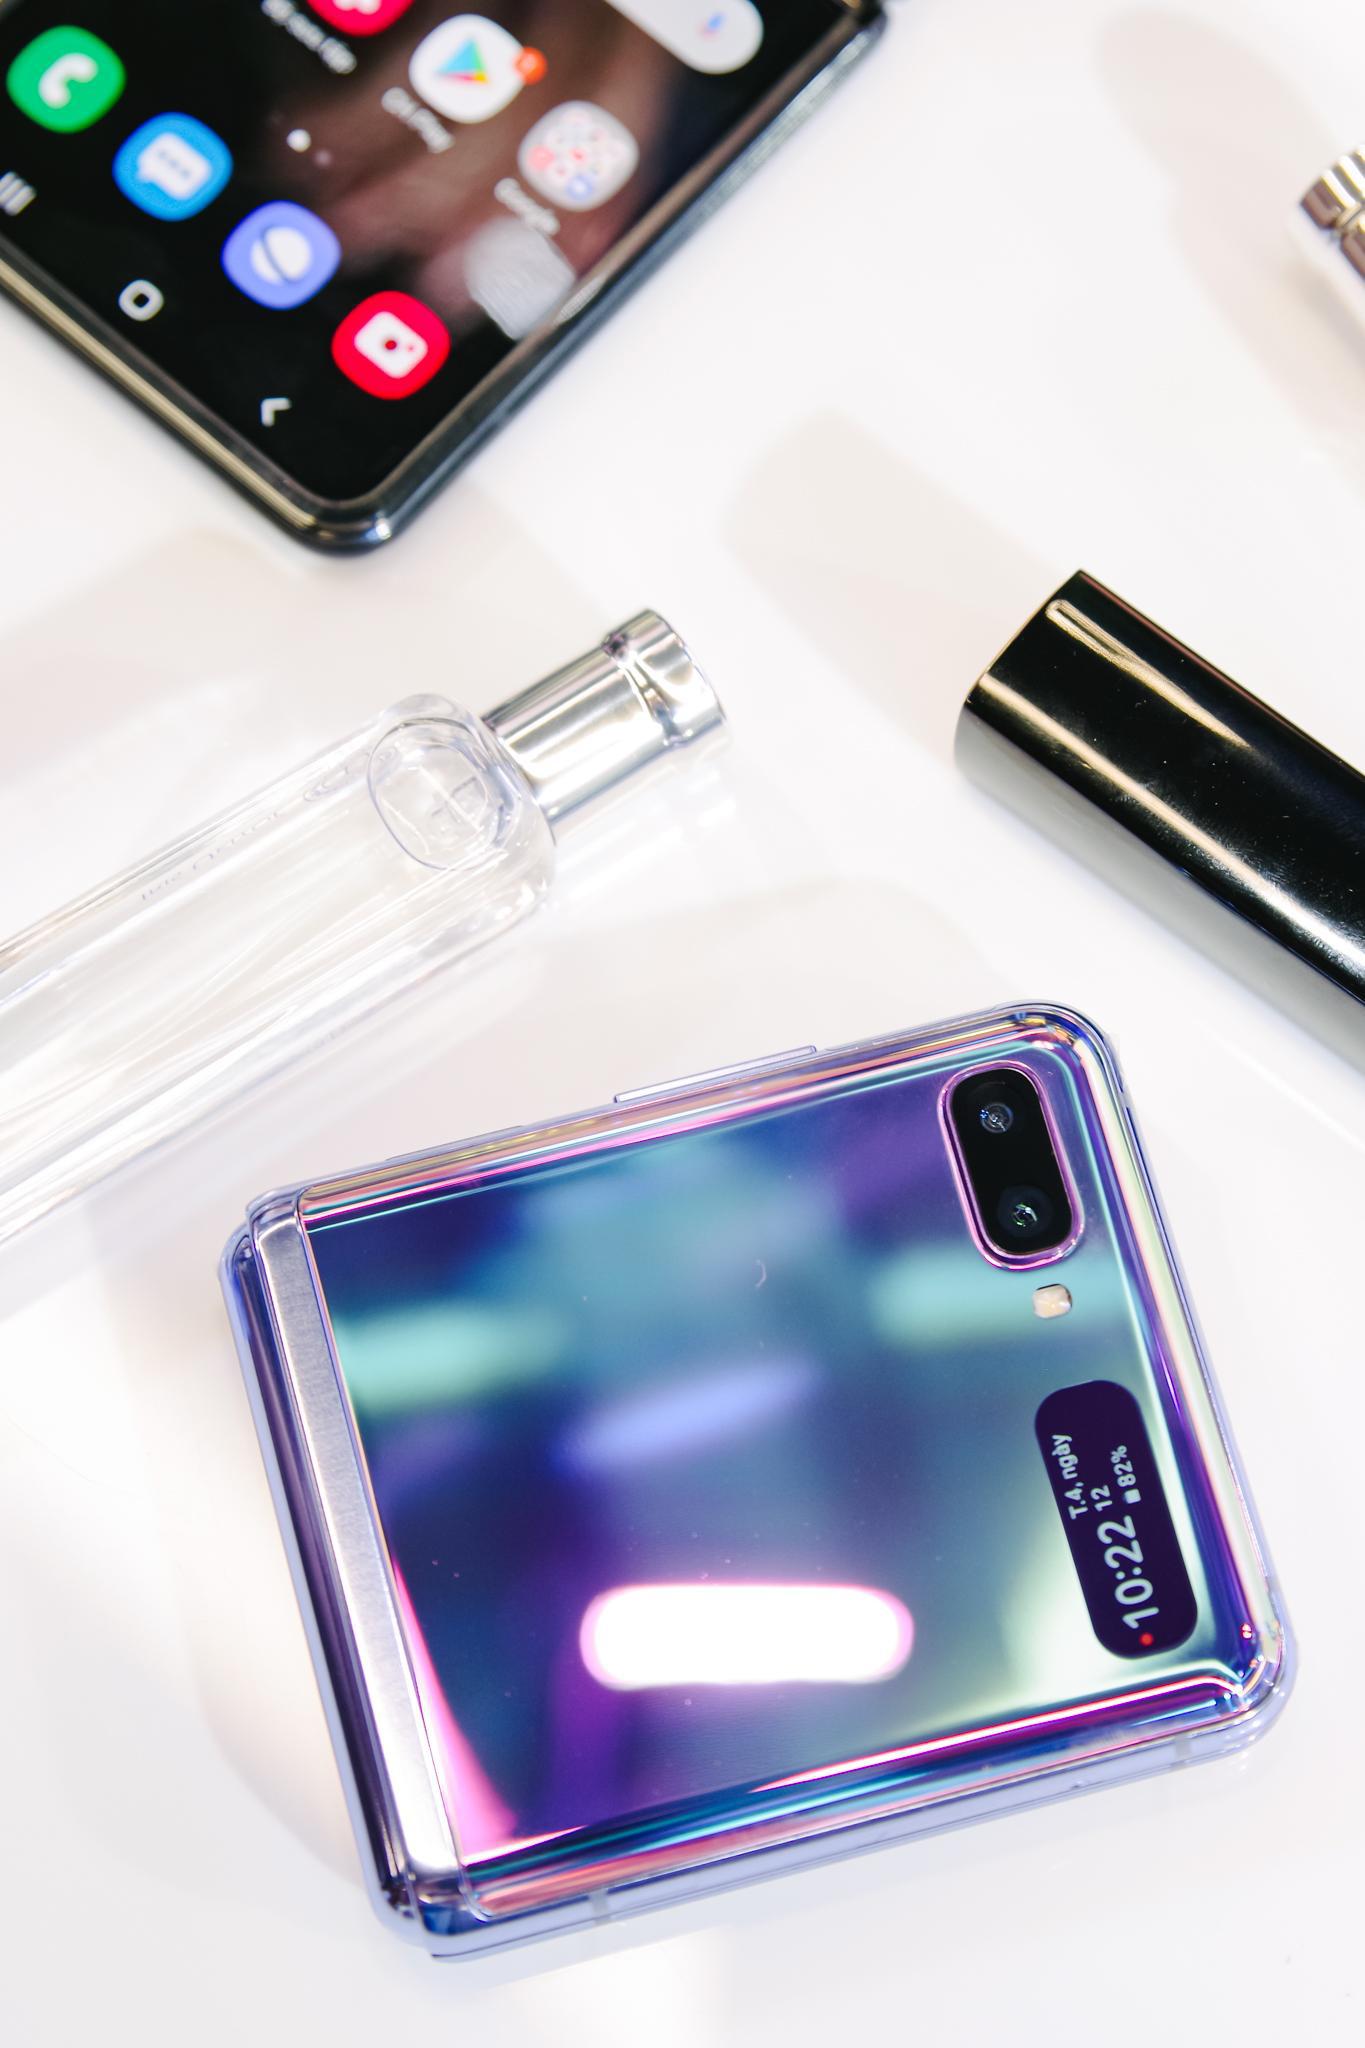 Galaxy Z Flip ra mắt chính thức tại Việt Nam, mở đầu xu hướng thời trang công nghệ mới - Ảnh 10.